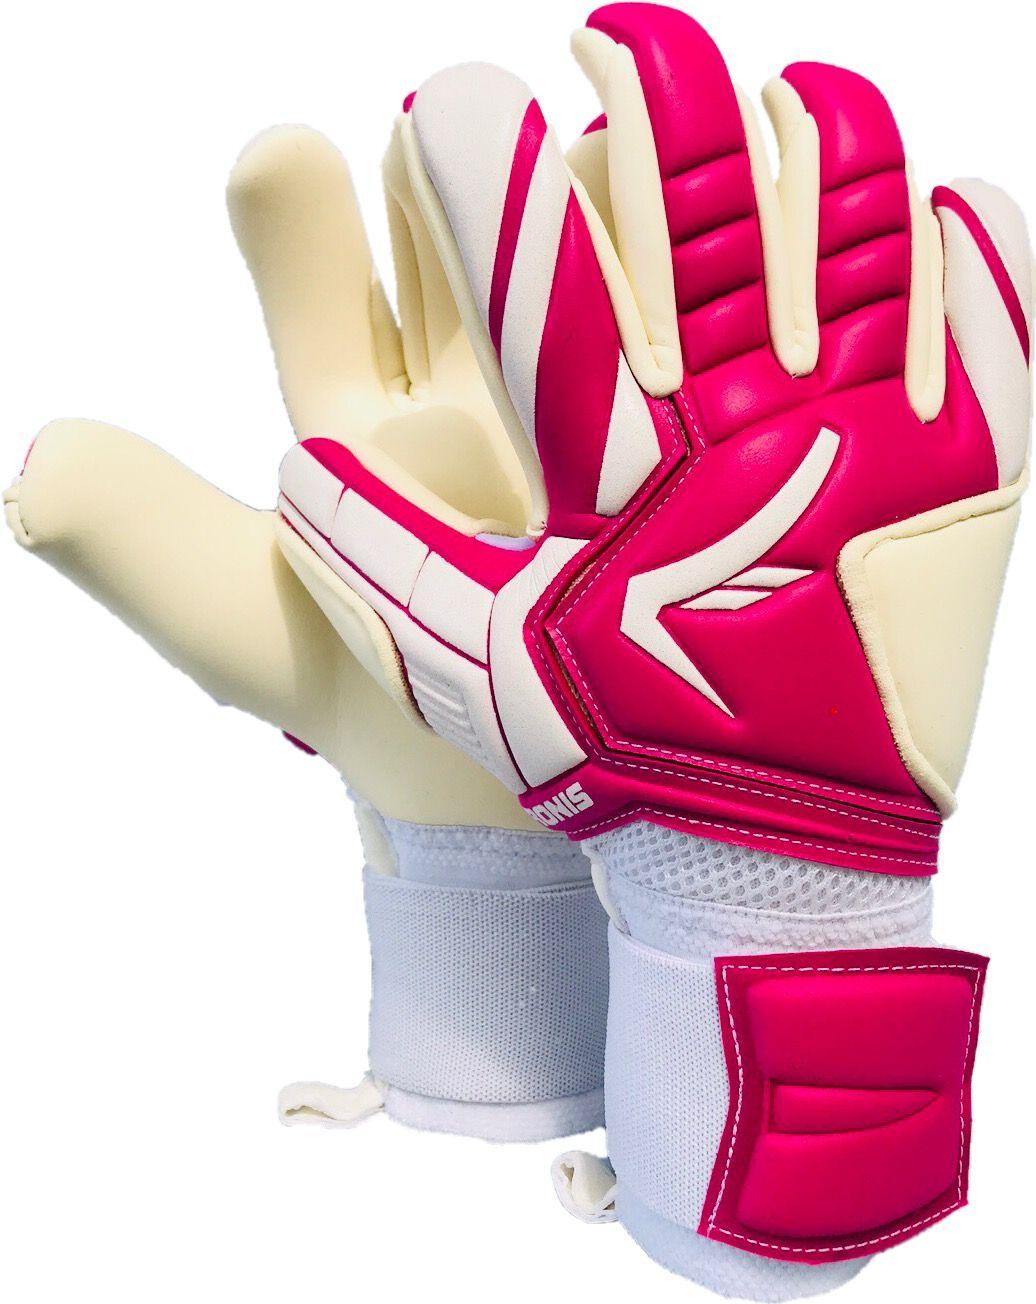 Goalkeeper Gloves Kronis Goalkeeper Gloves Football Accessories Soccer Gloves